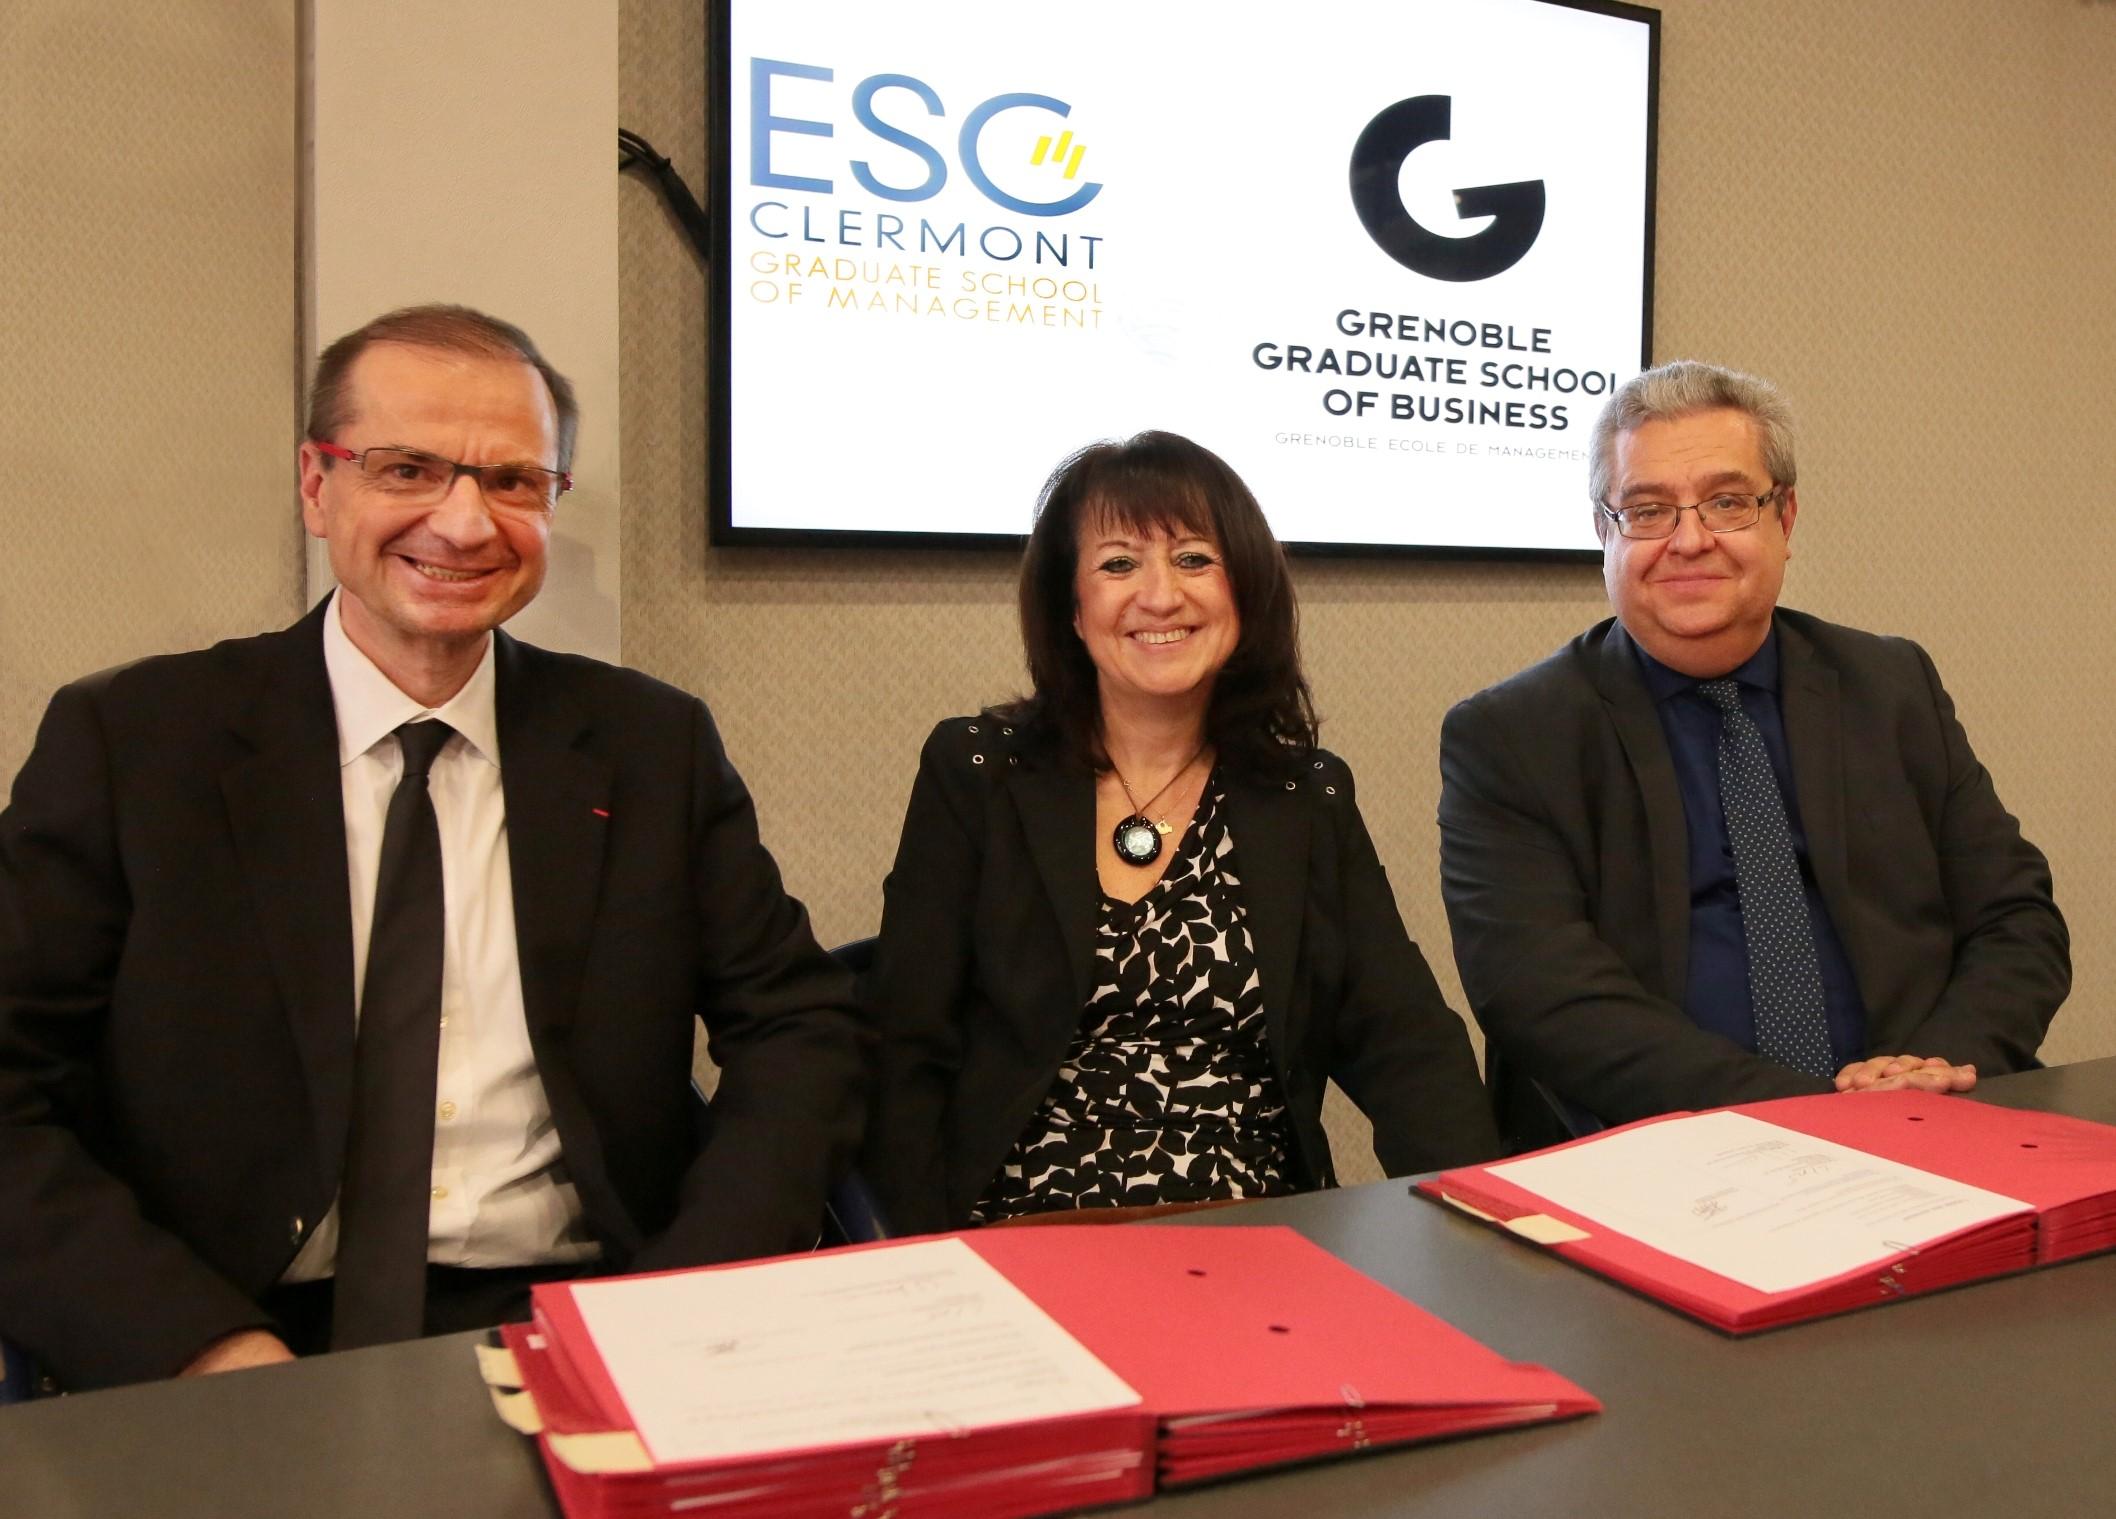 Grenoble Ecole de Management ouvre deux programmes de formation à l'ESC Clermont